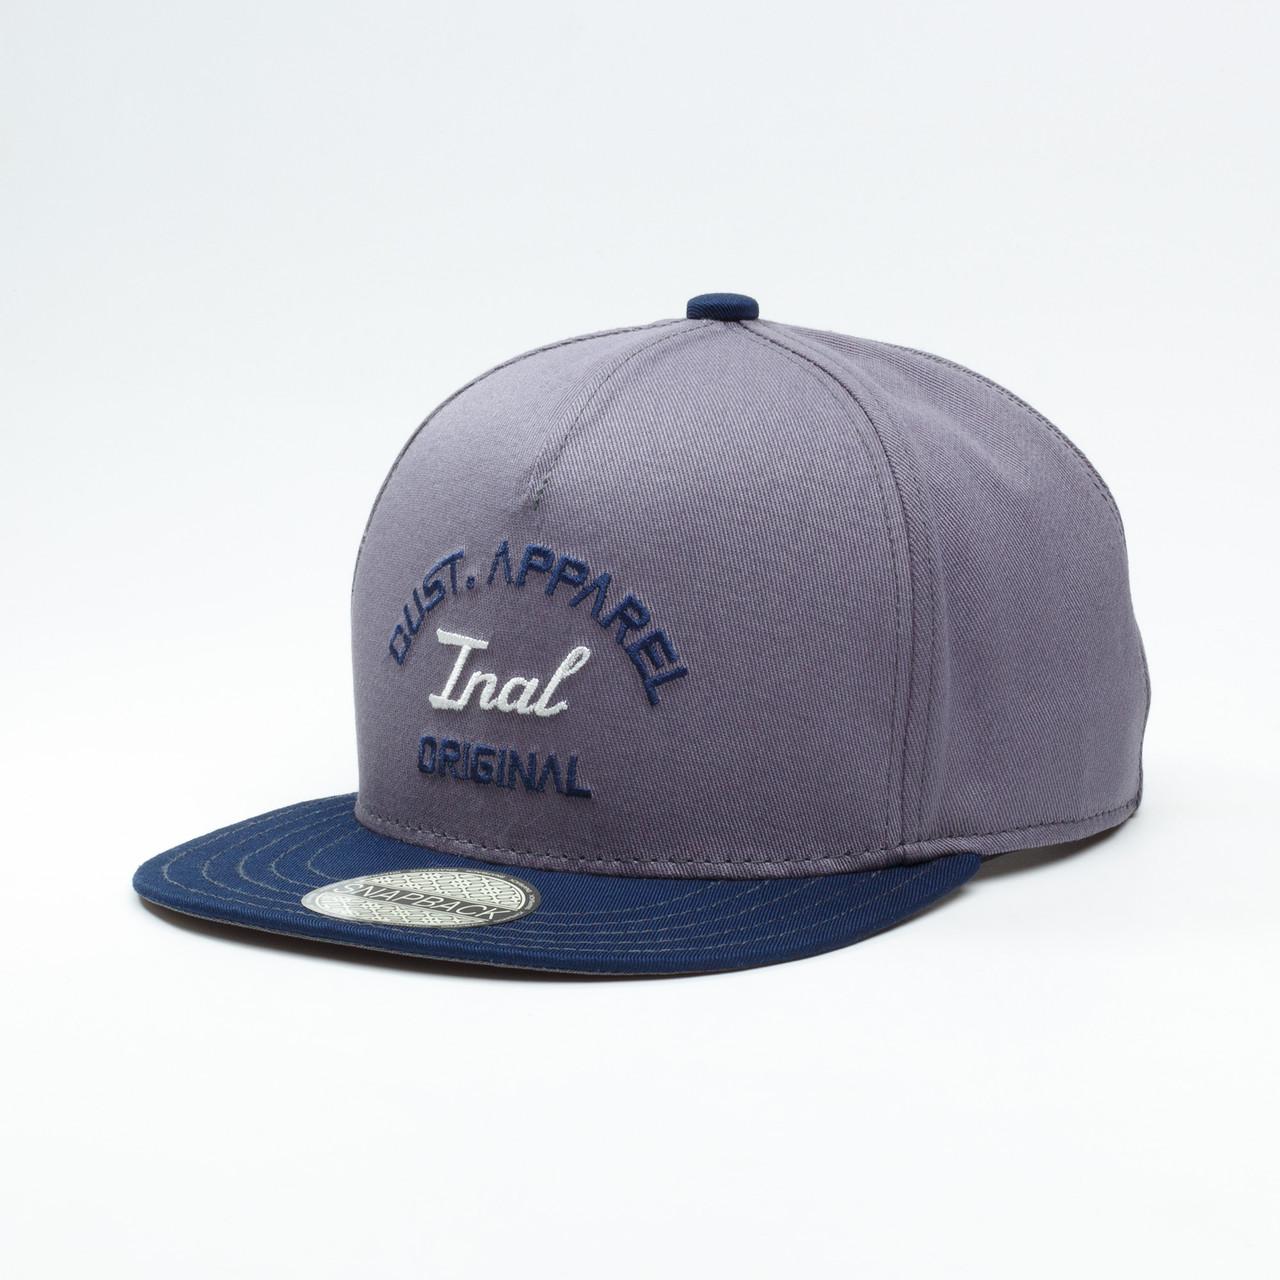 Детская кепка бейсболка для мальчика INAL original XS / 51-52 RU Серый 181451